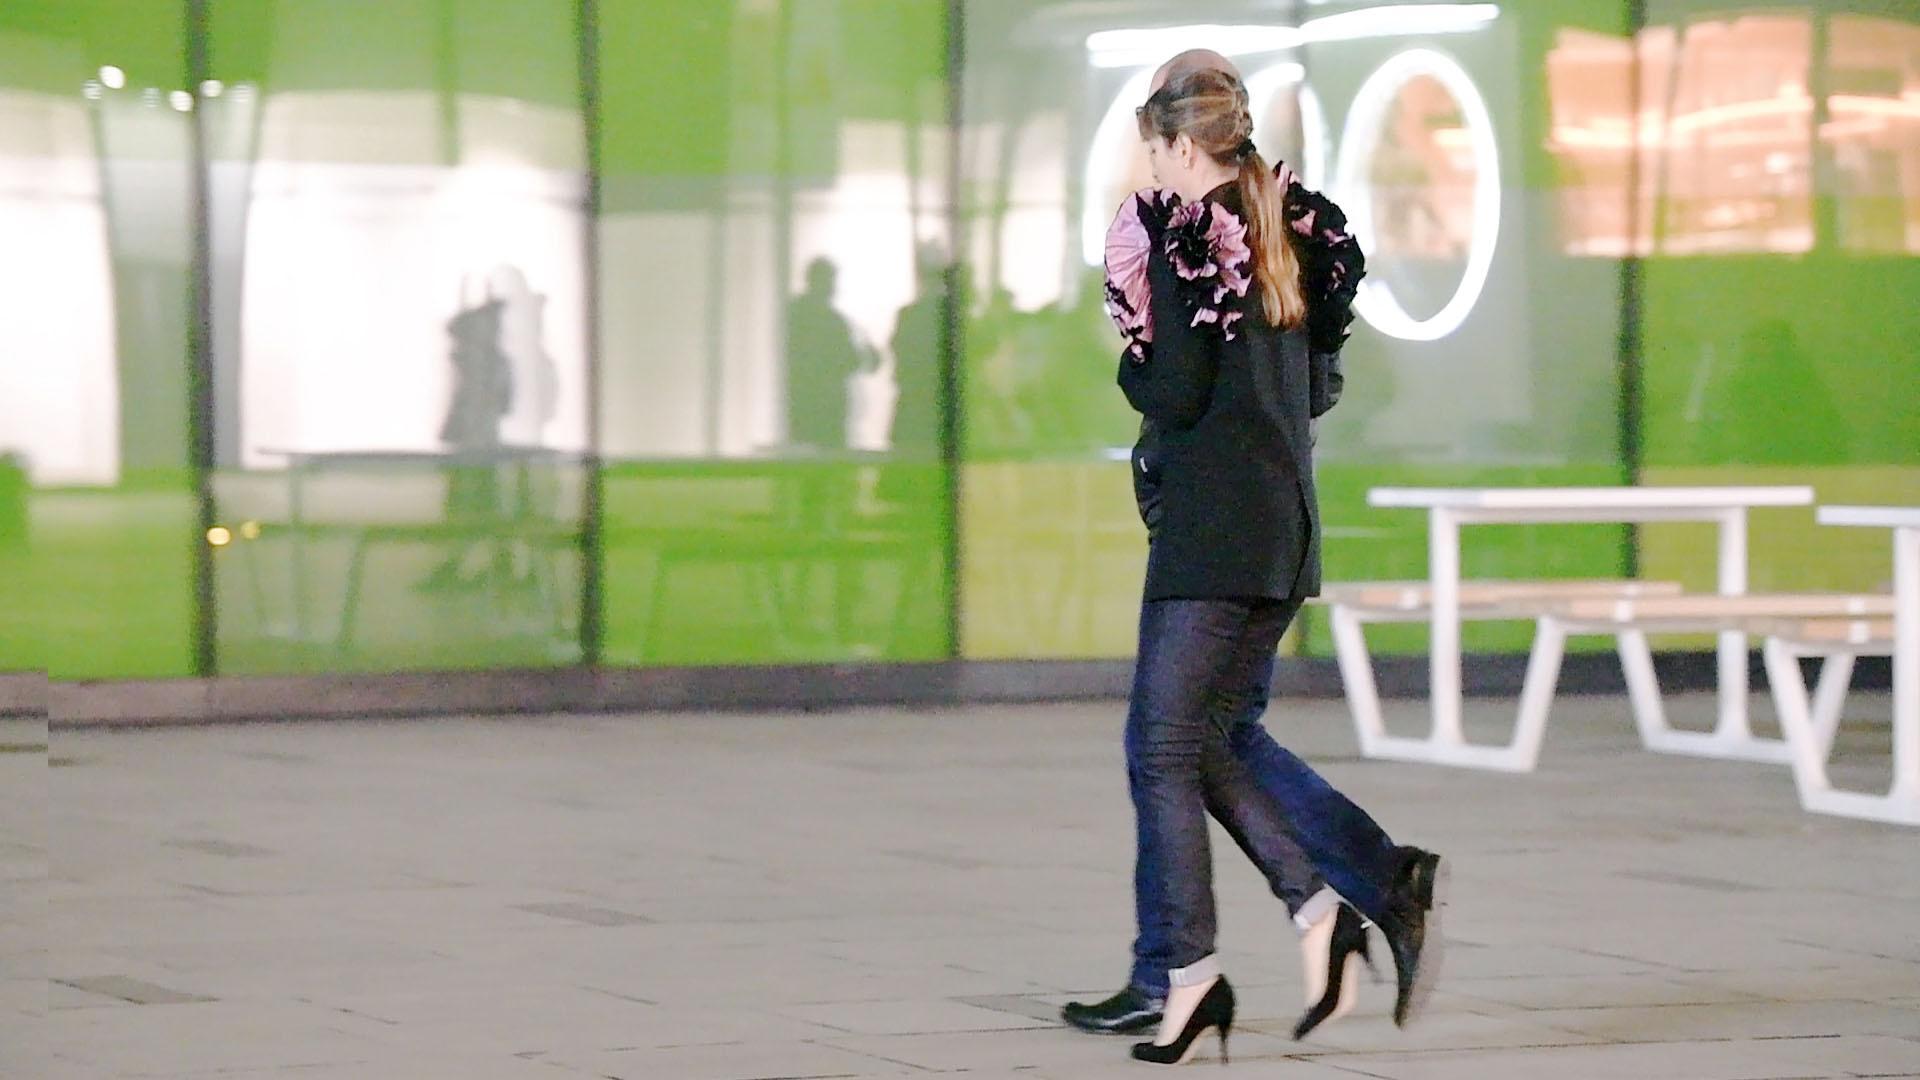 冬天穿着长裤时尚姑娘知道如何搭配出显身材效果展现精致气质